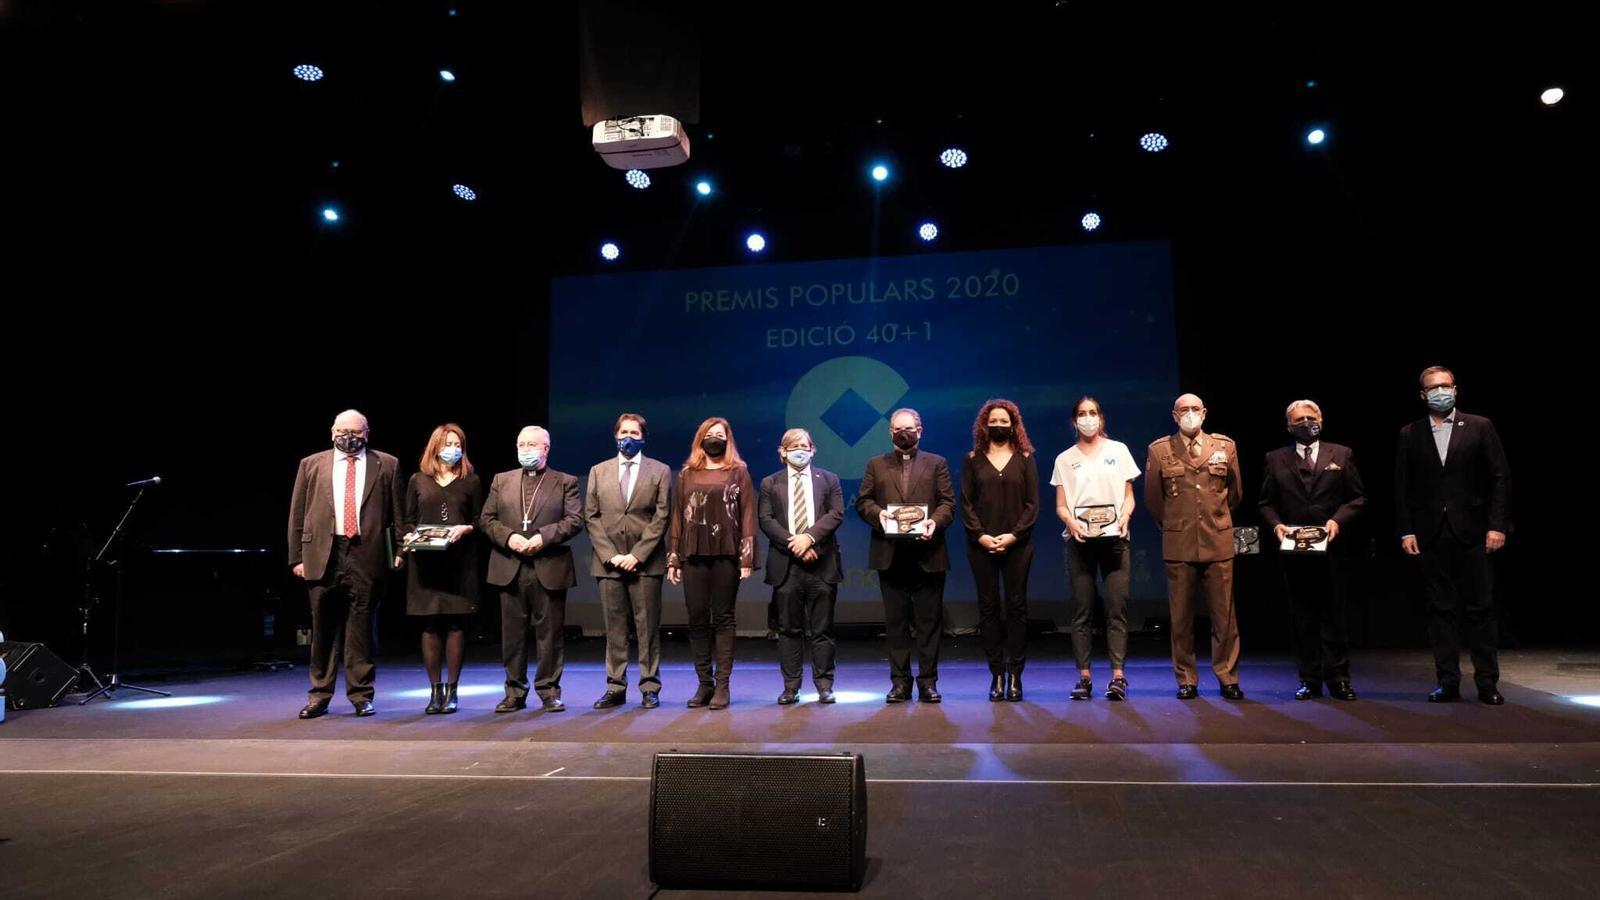 L'acte d'entrega dels Premis Populars 2020 s'ha celebrat al Trui Teatre de Palma.